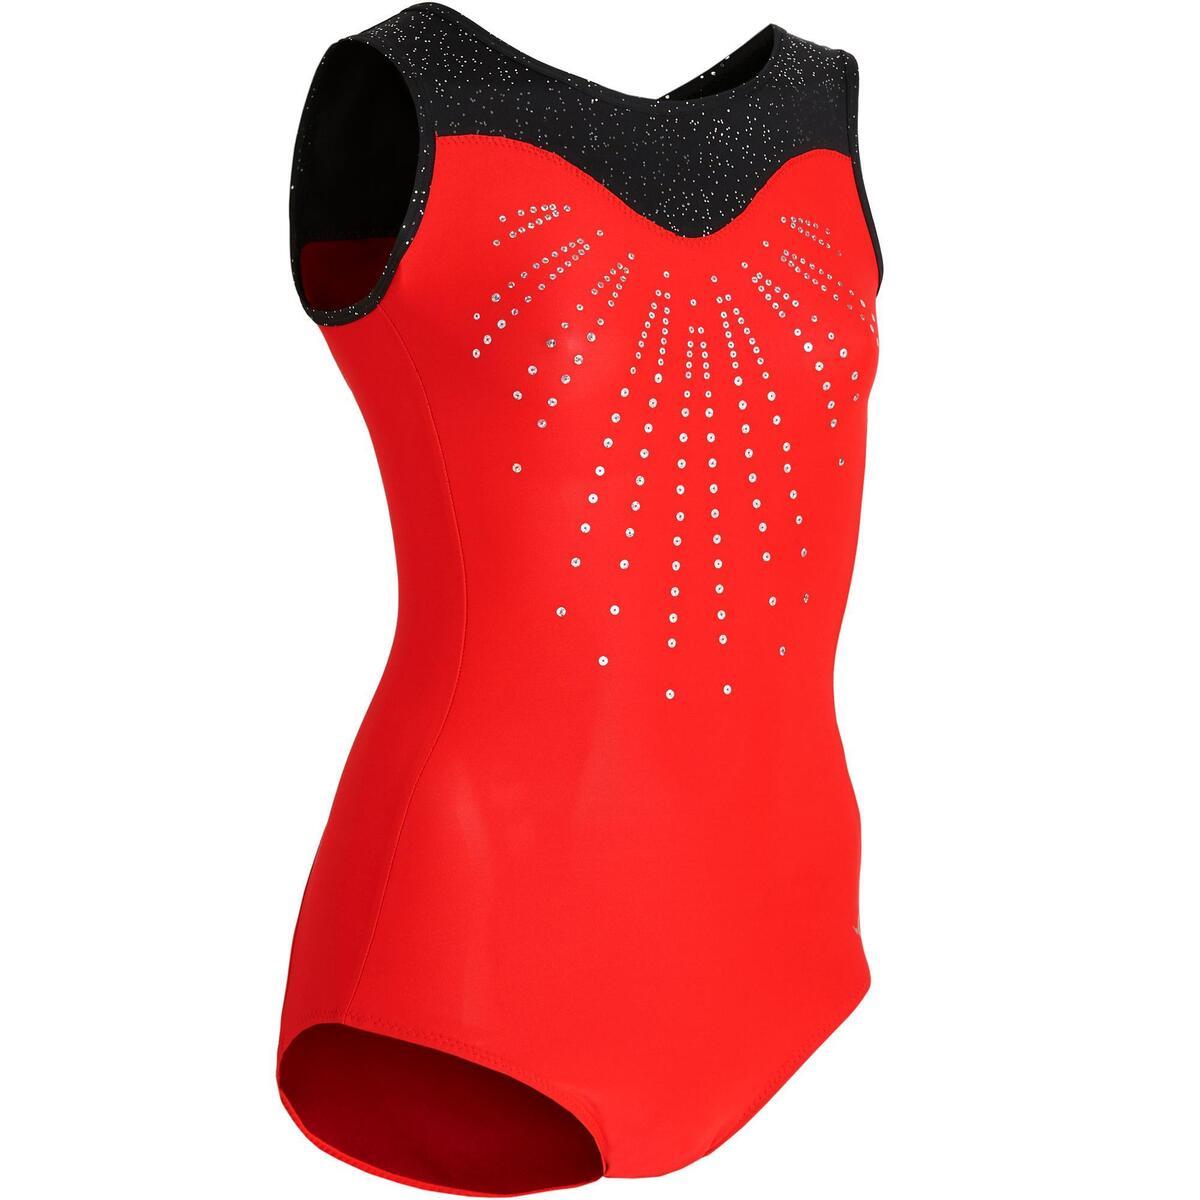 Bild 1 von Gymnastikanzug Turnanzug ärmellos 540 SM rot/schwarz